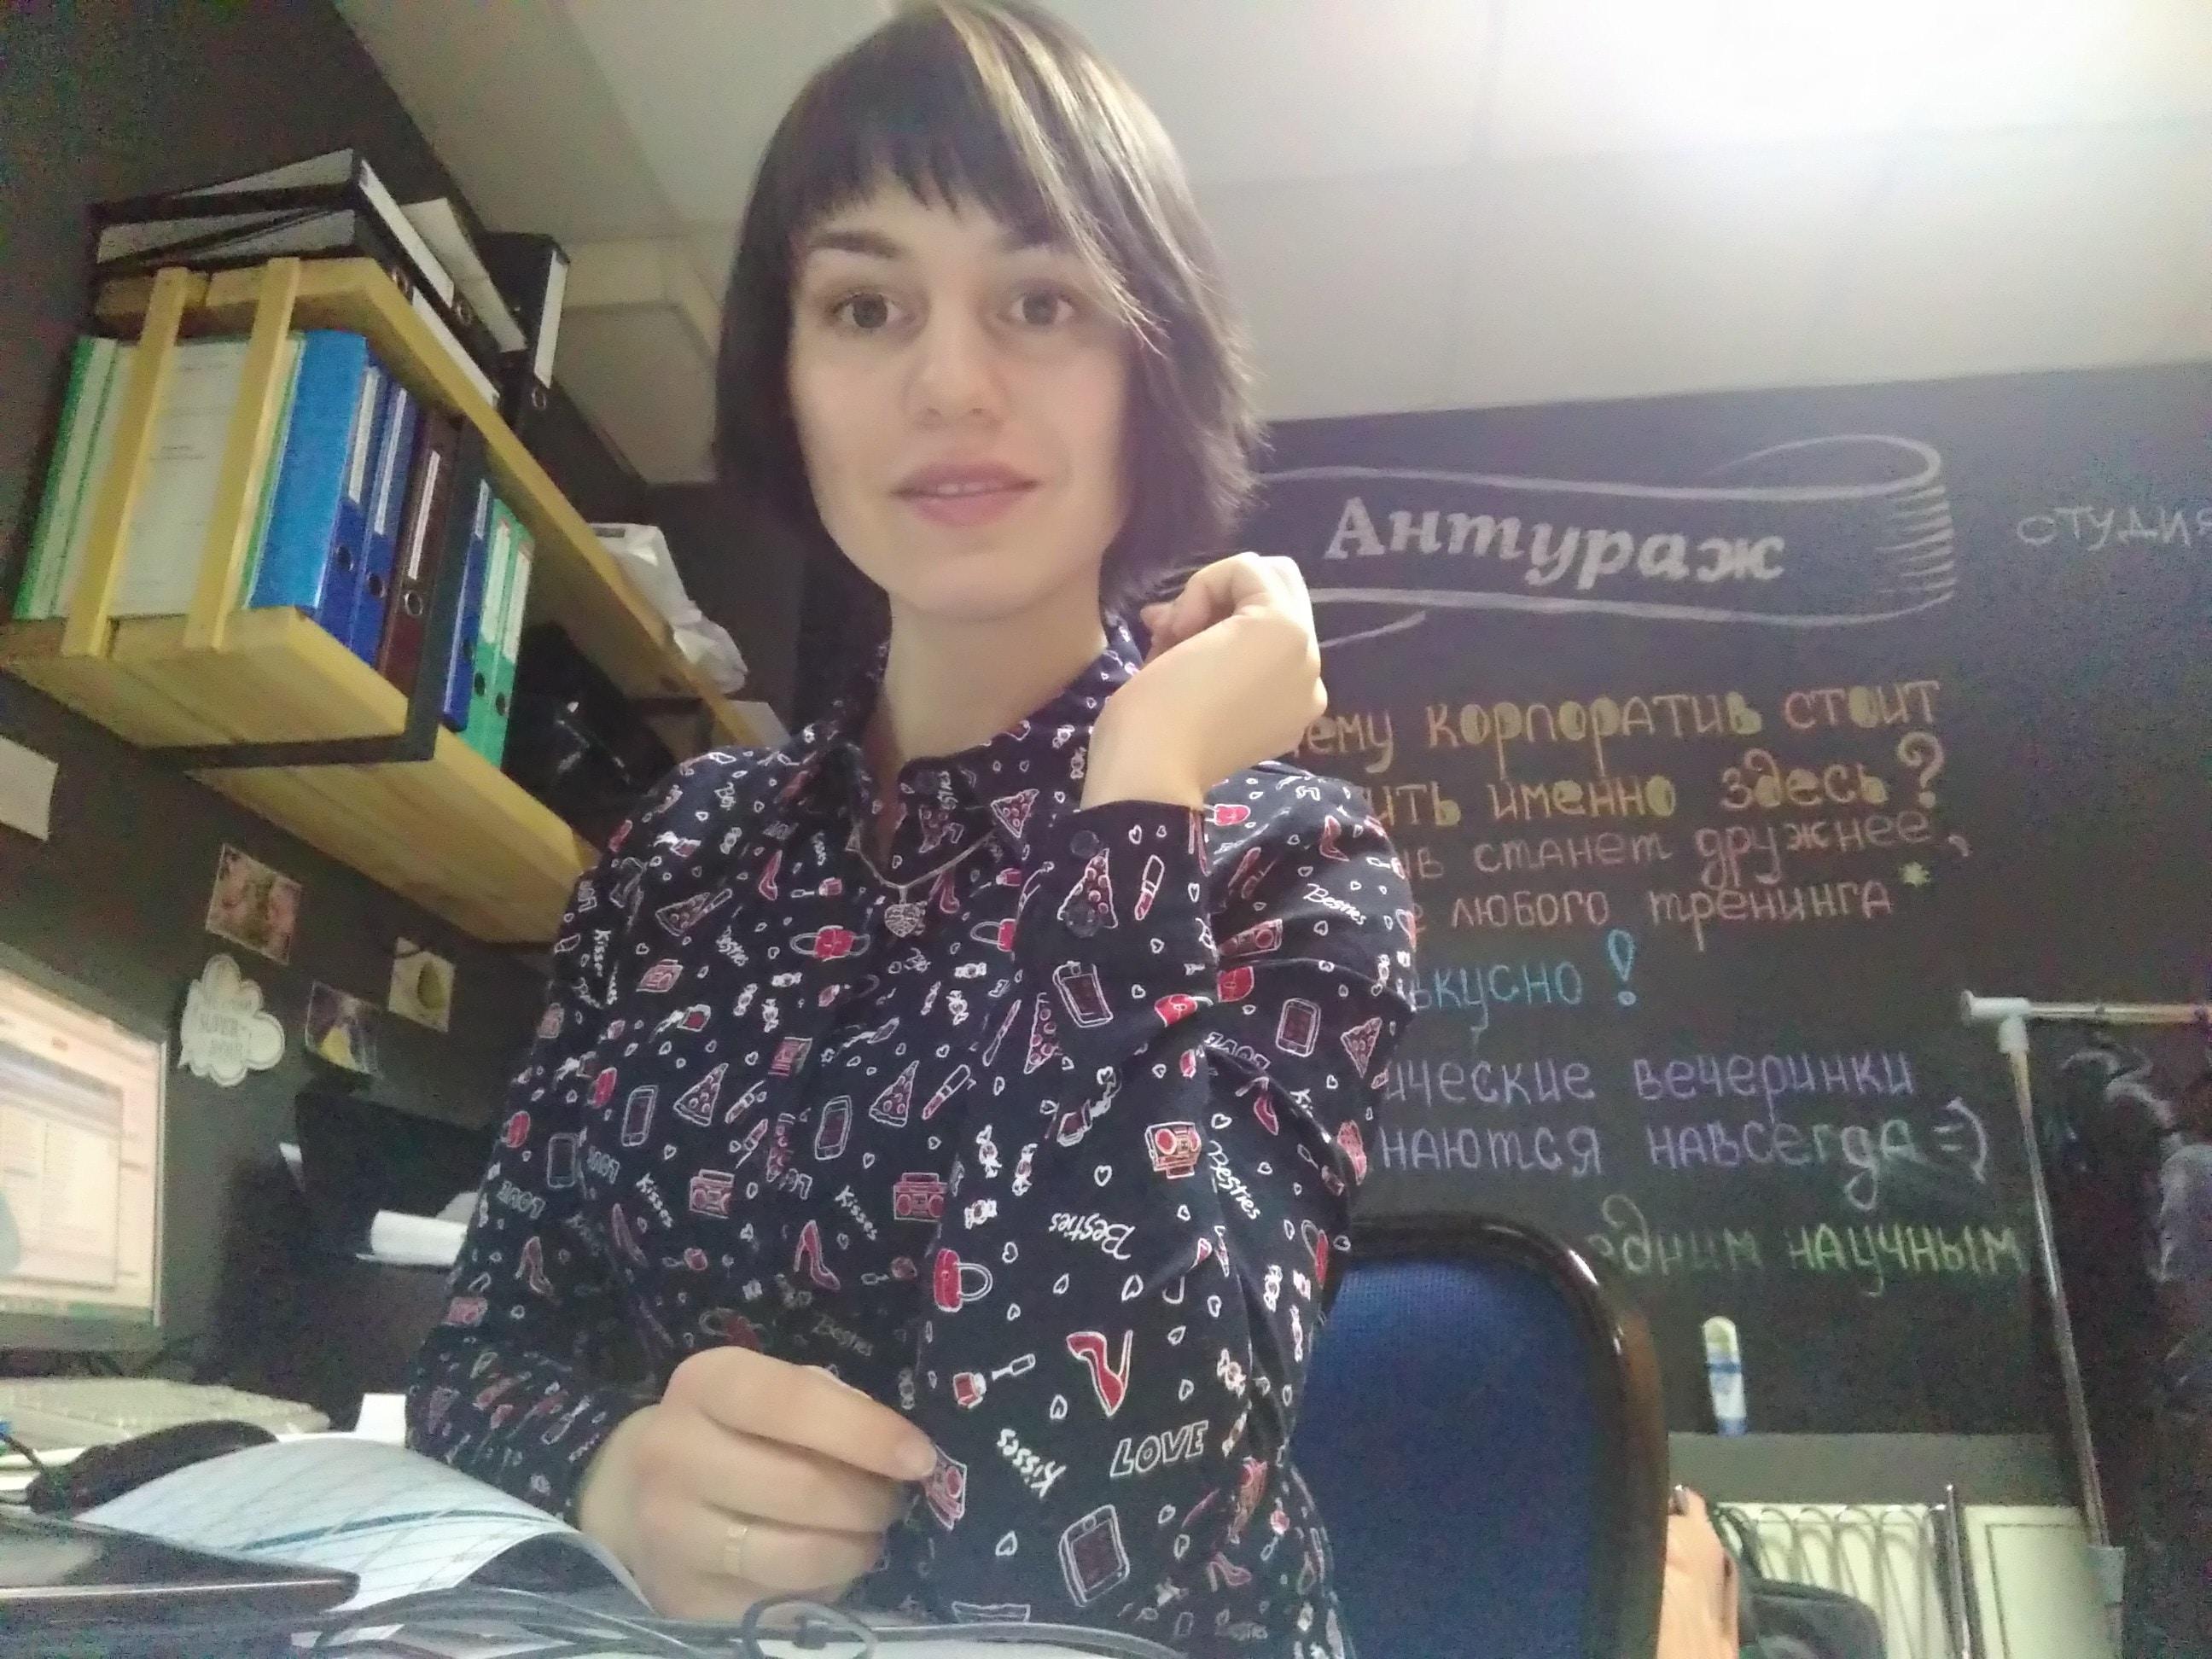 Go to Юлия Кадочникова's profile